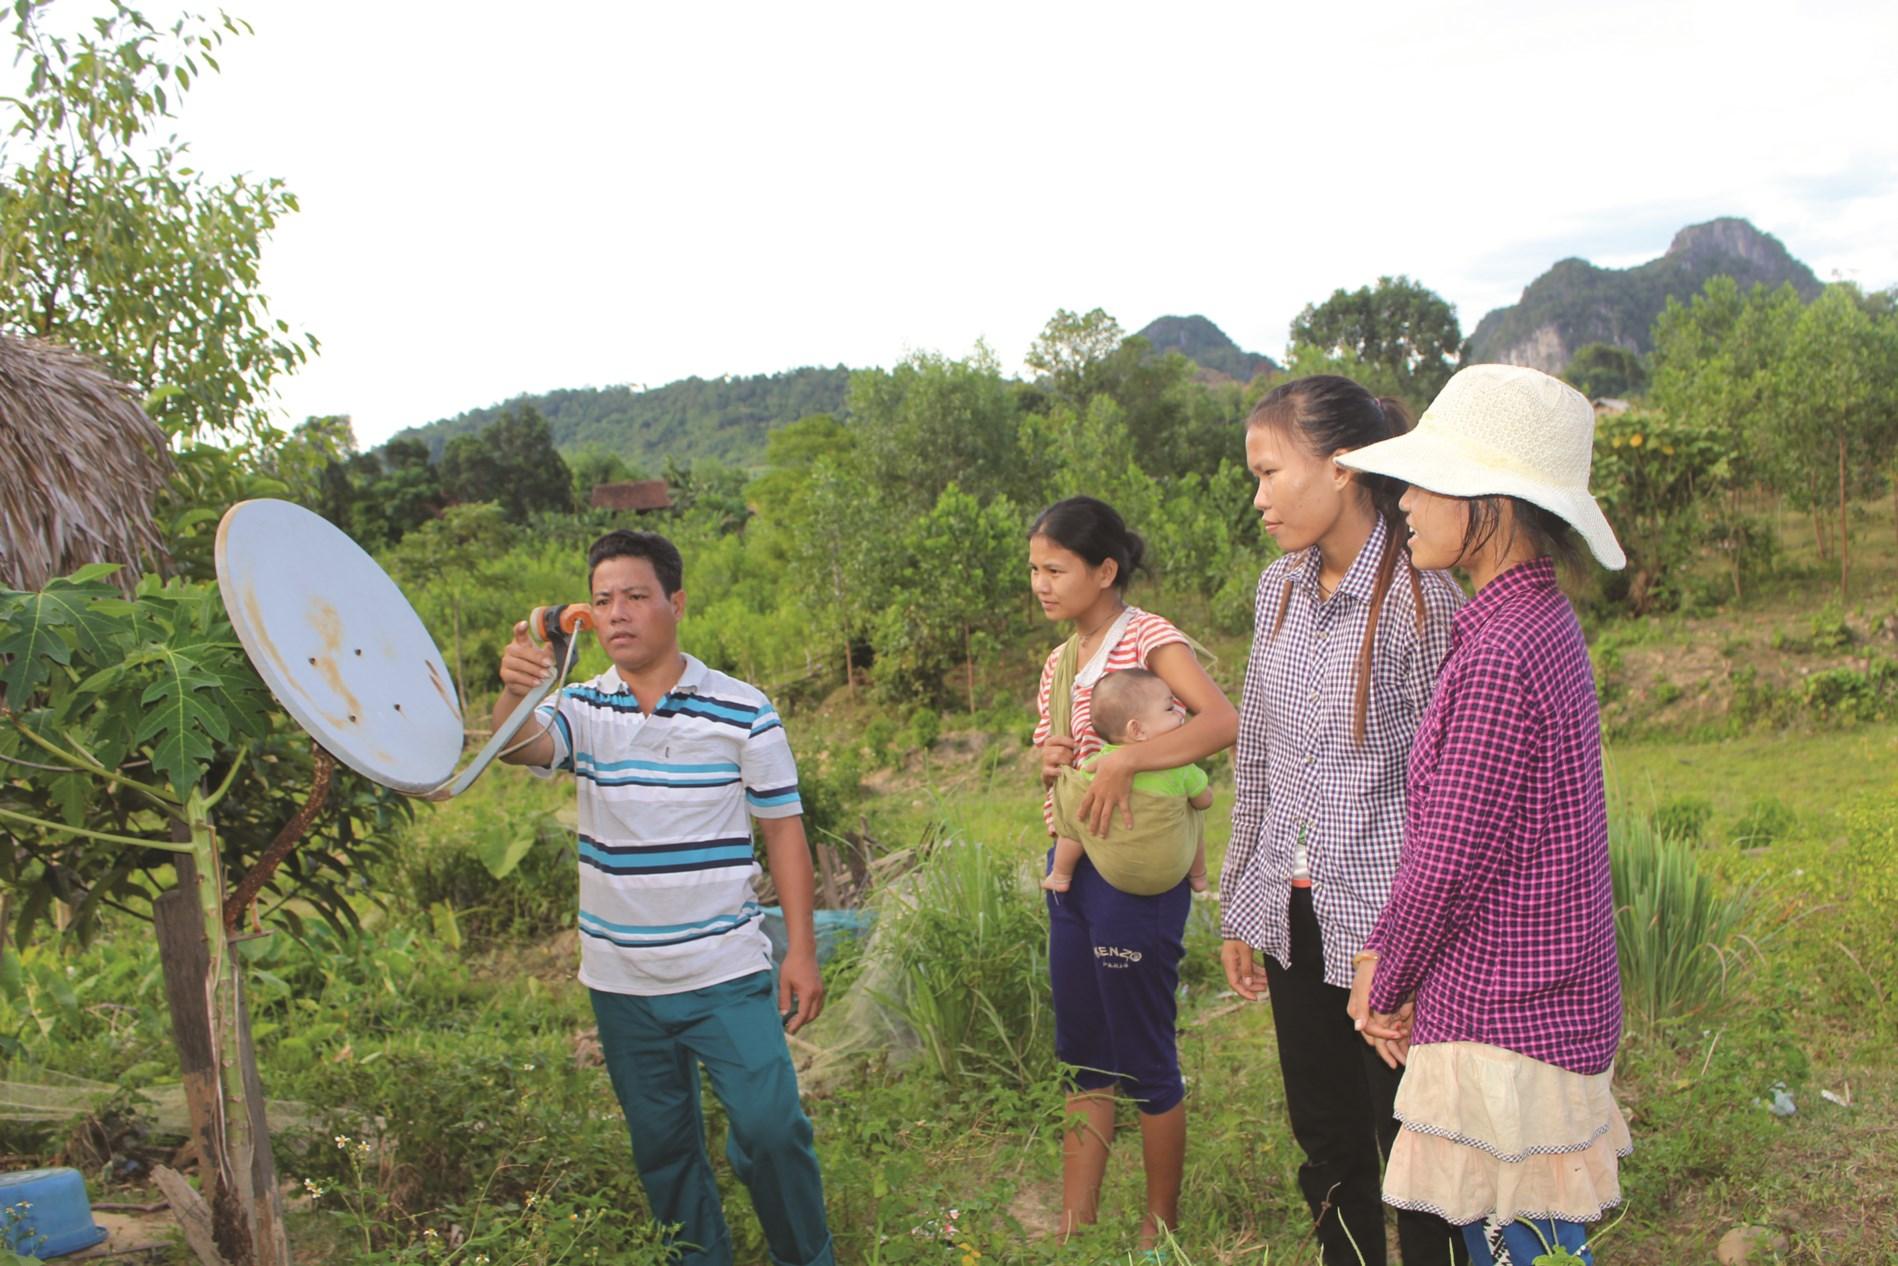 Cán bộ bản Kè, xã Lâm Hóa, huyện Tuyên Hóa hướng dẫn bà con người Mã Liềng sử dụng chảo thu sóng ti vi.